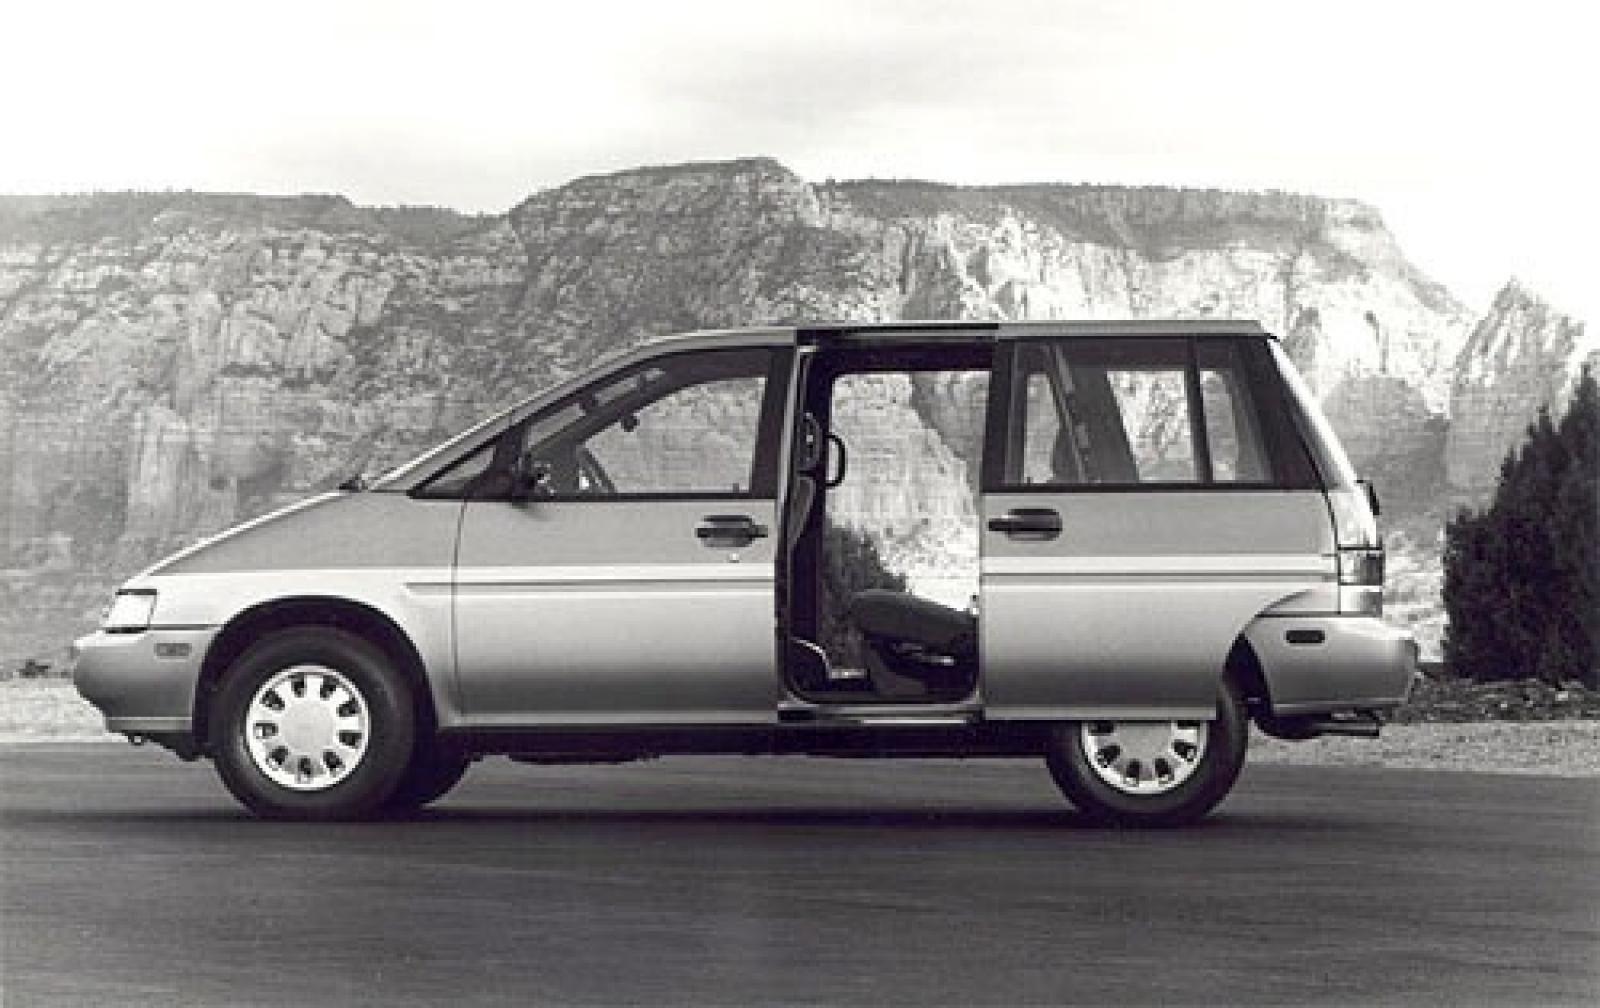 1990 Nissan Axxess #1 800 1024 1280 1600 origin